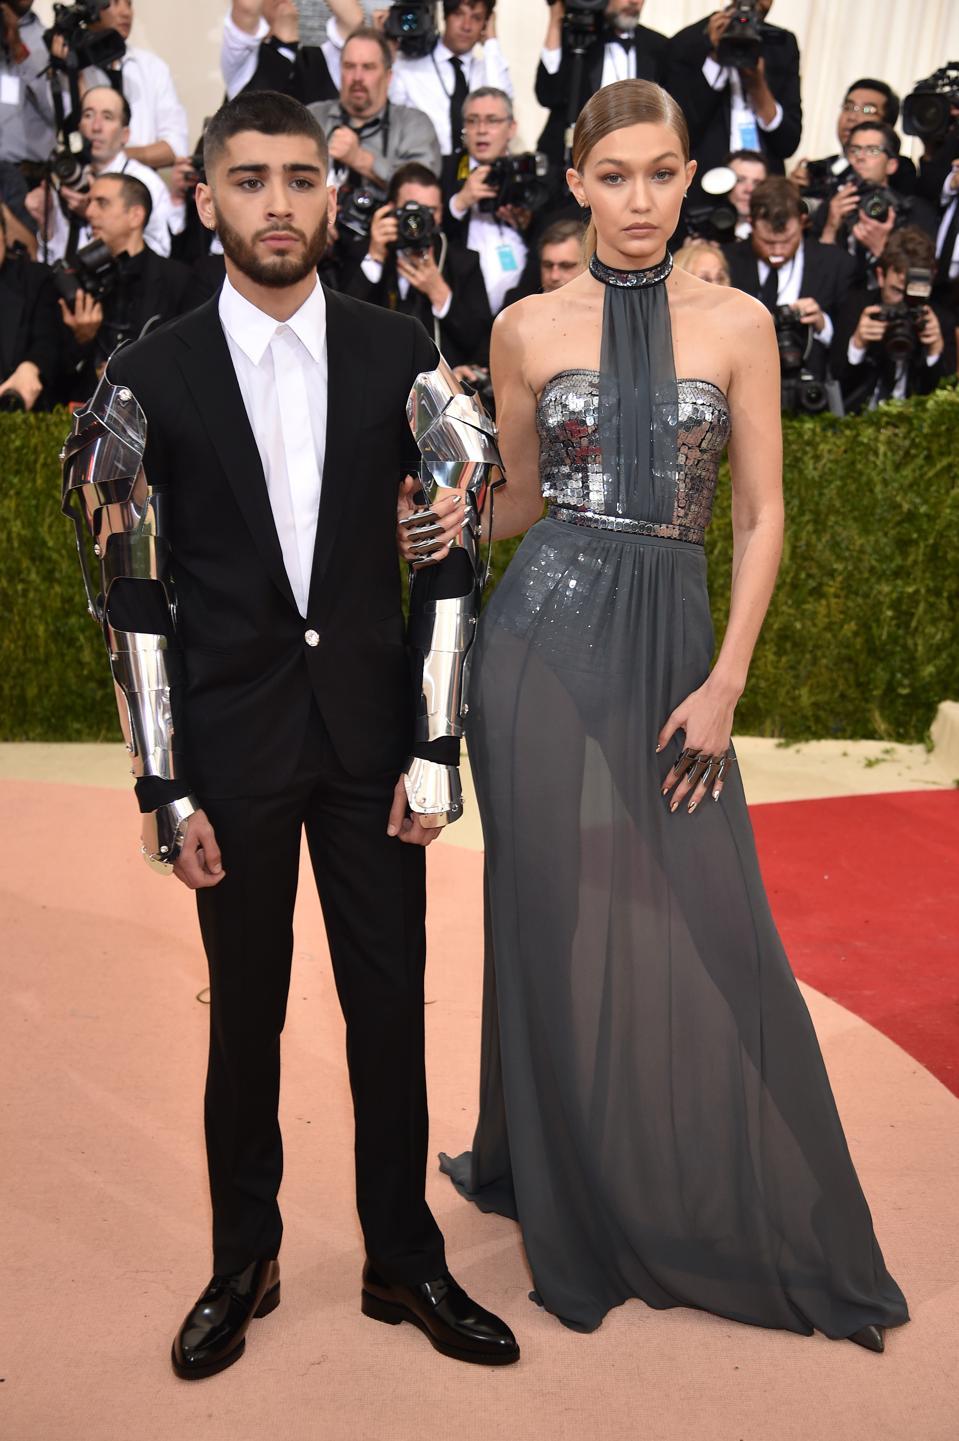 Zayn Malik and Gigi Hadid Look Like Cyborgs At Met Gala 2016